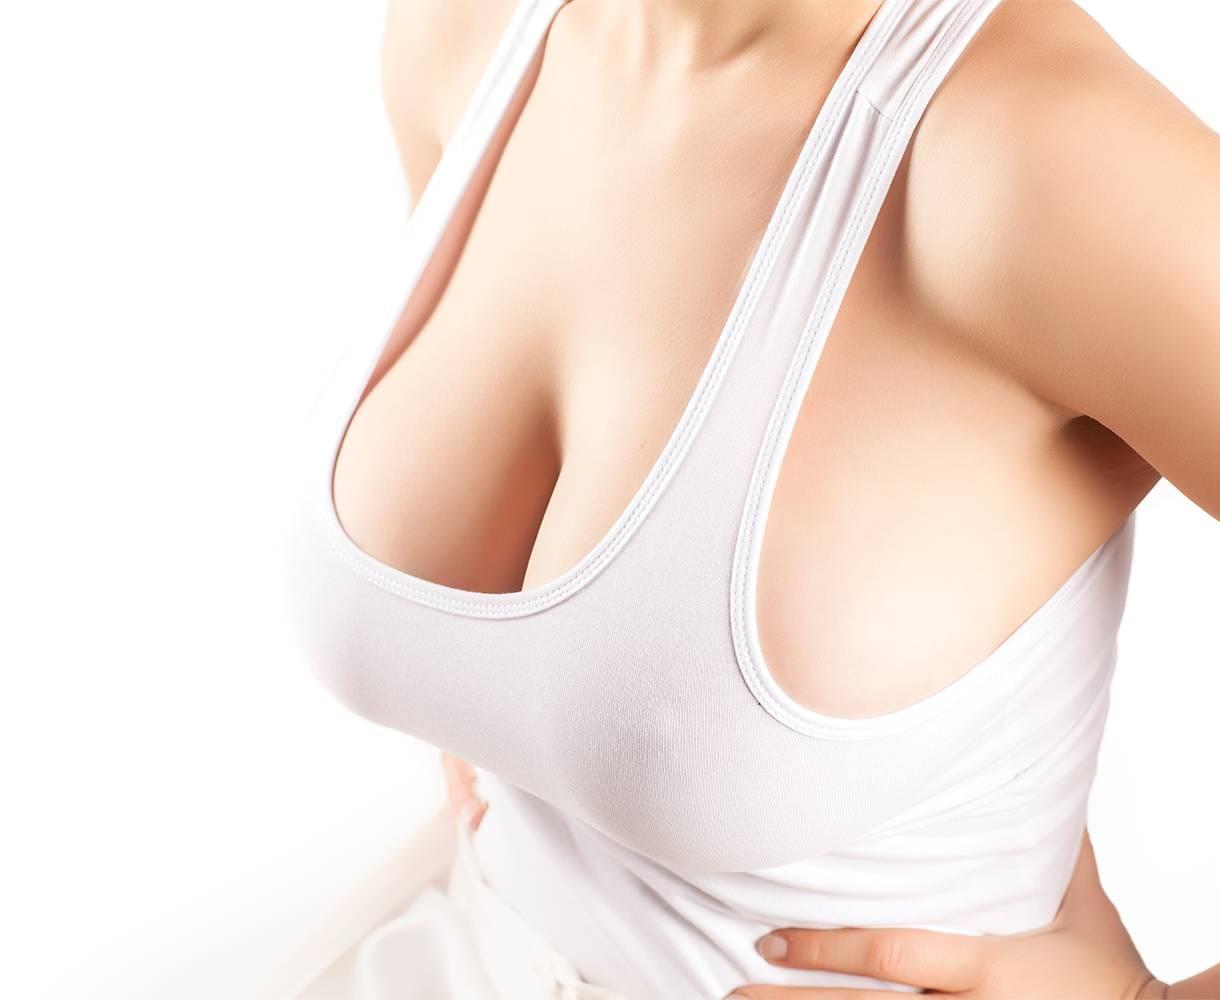 Brystreduksjon er det kosmetiske inngrep